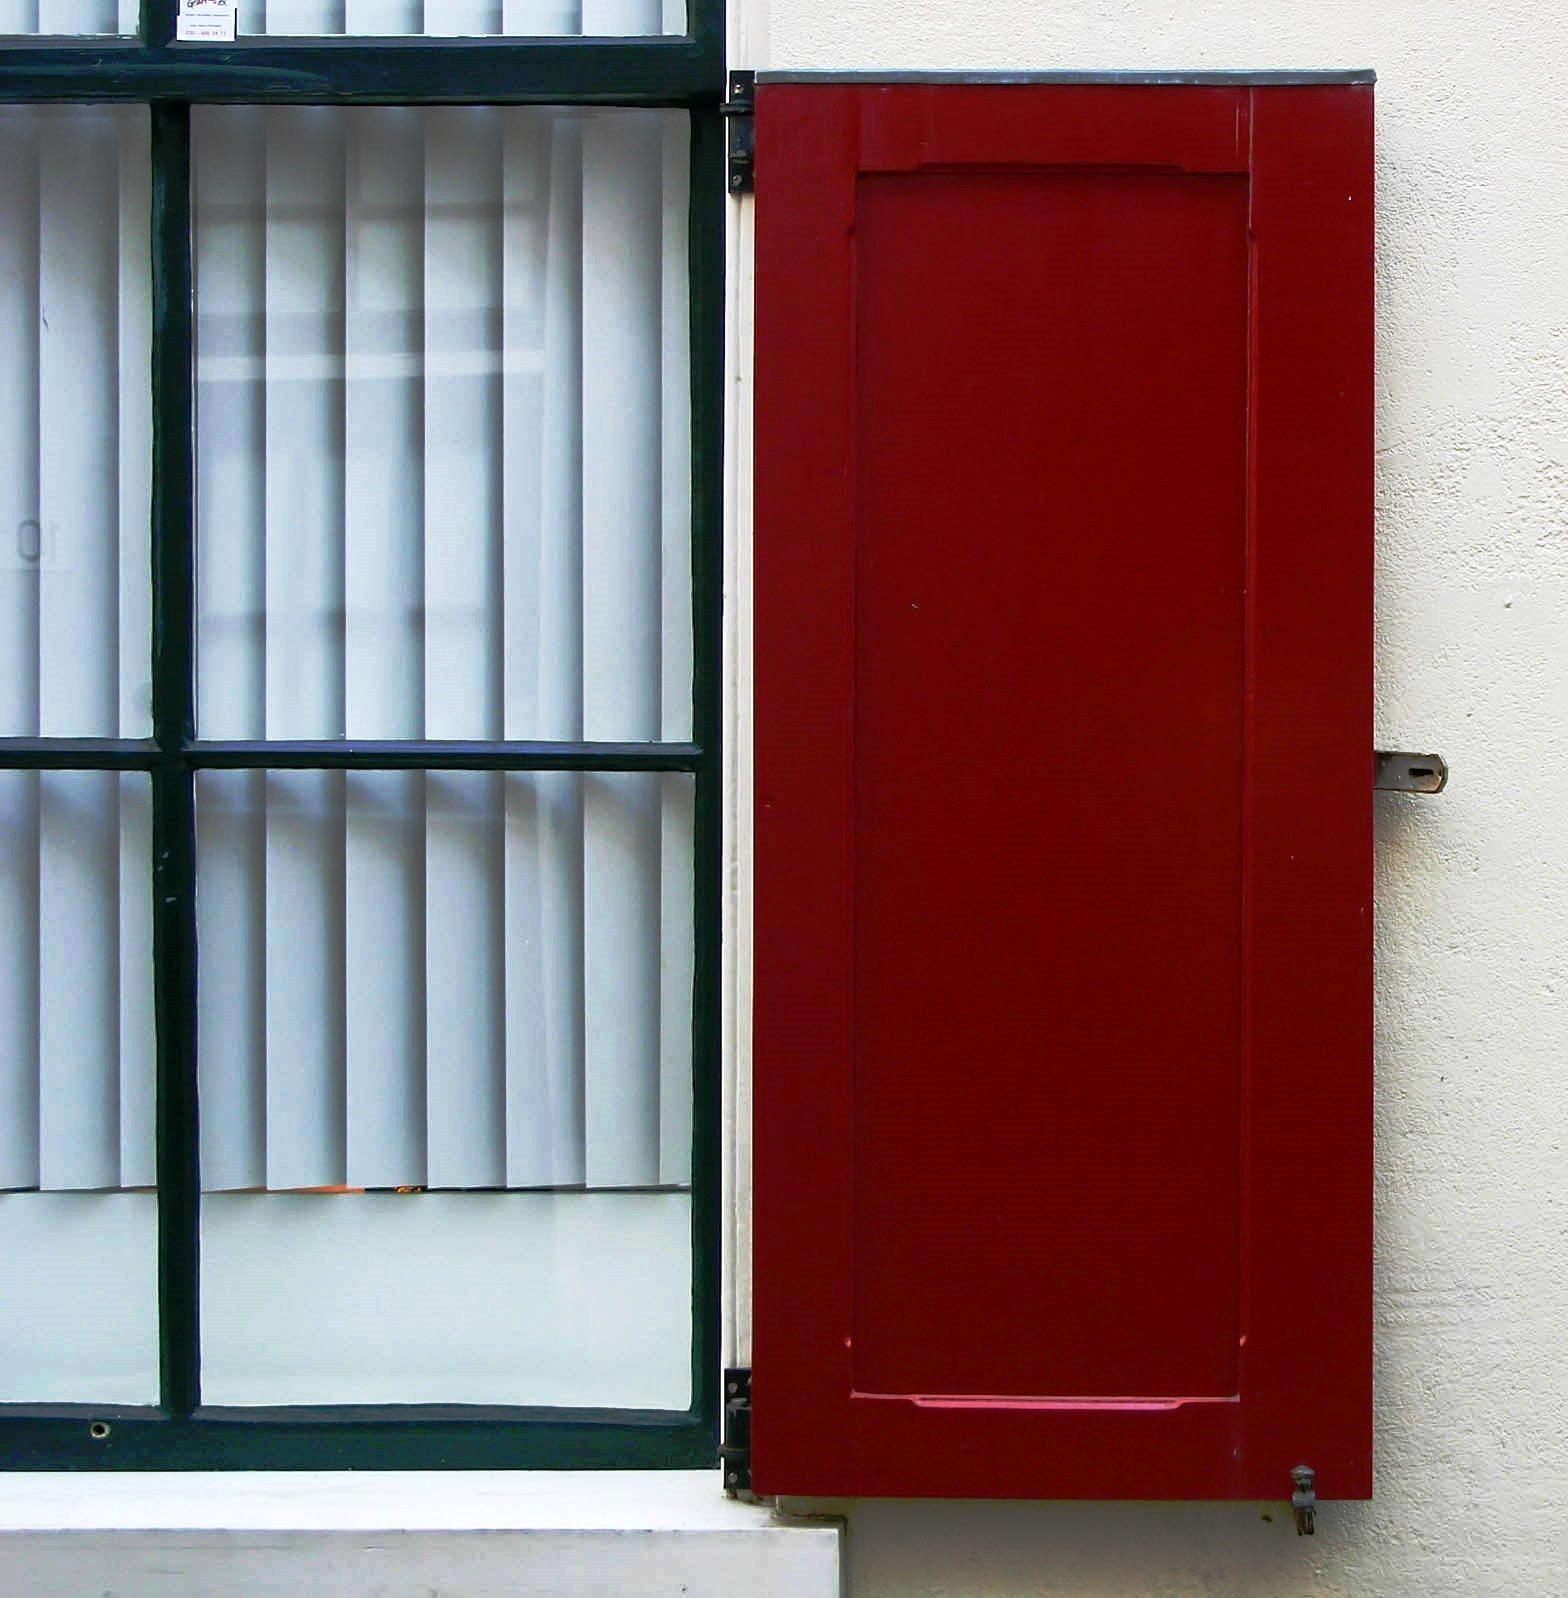 Cualquiera sea el elemento de su casa que desea recuperar o reemplazar VIVA casa puede ayudarle a seleccionar la mejor solución para usted.